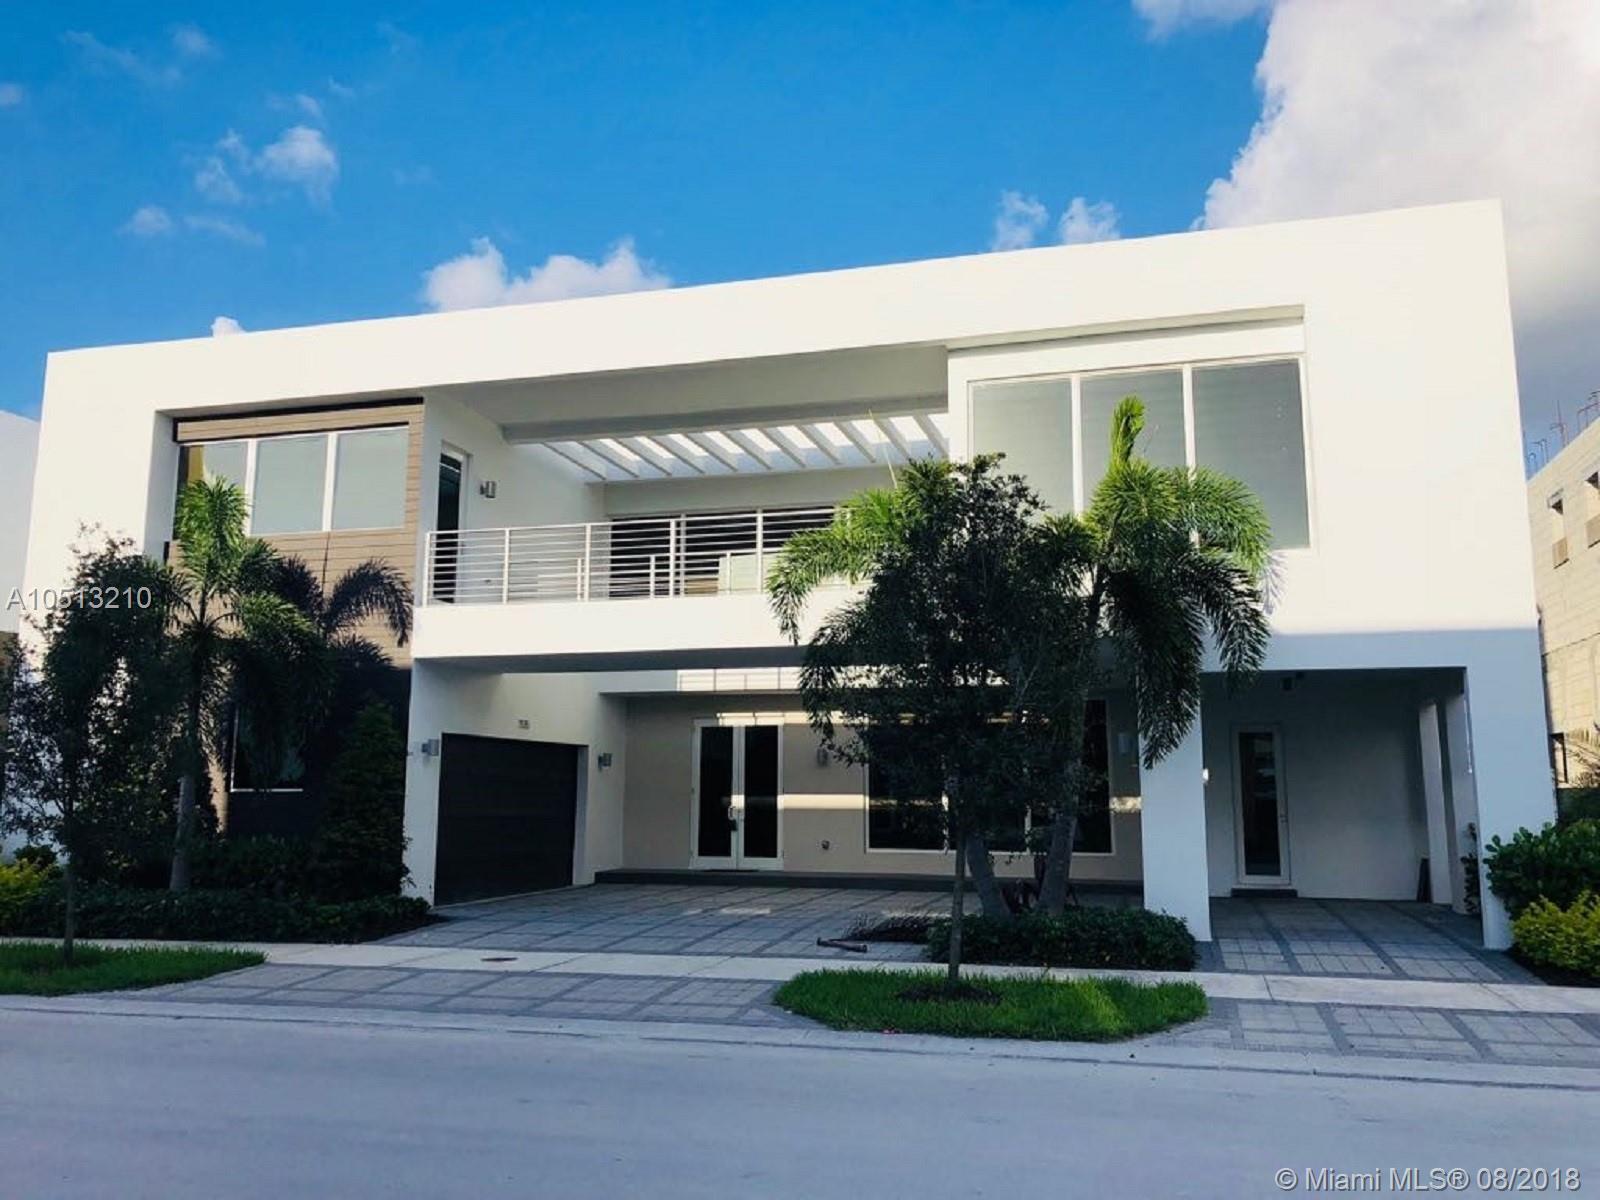 7515 NW 103rd Ct, Miami, FL 33178